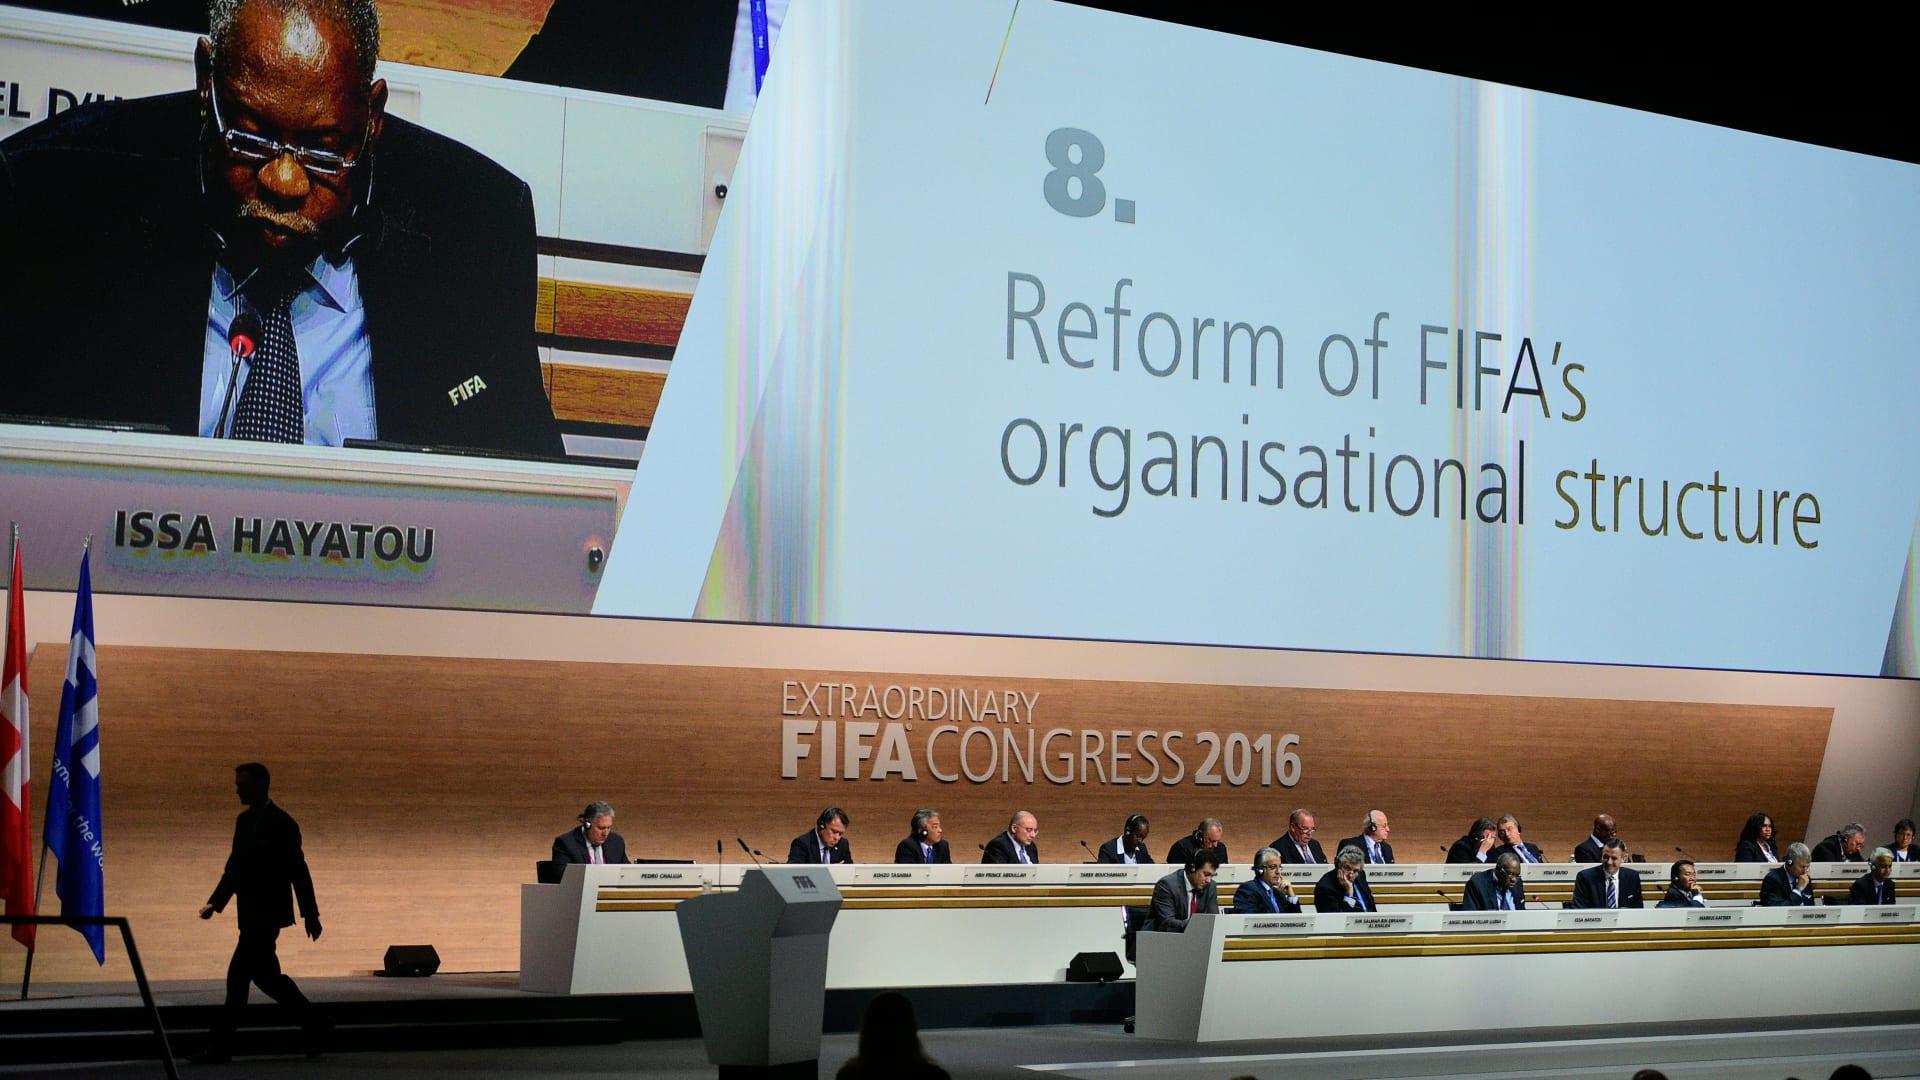 الموافقة بأغلبية ساحقة على الإصلاحات الجديدة المقترحة في اجتماعات الفيفا